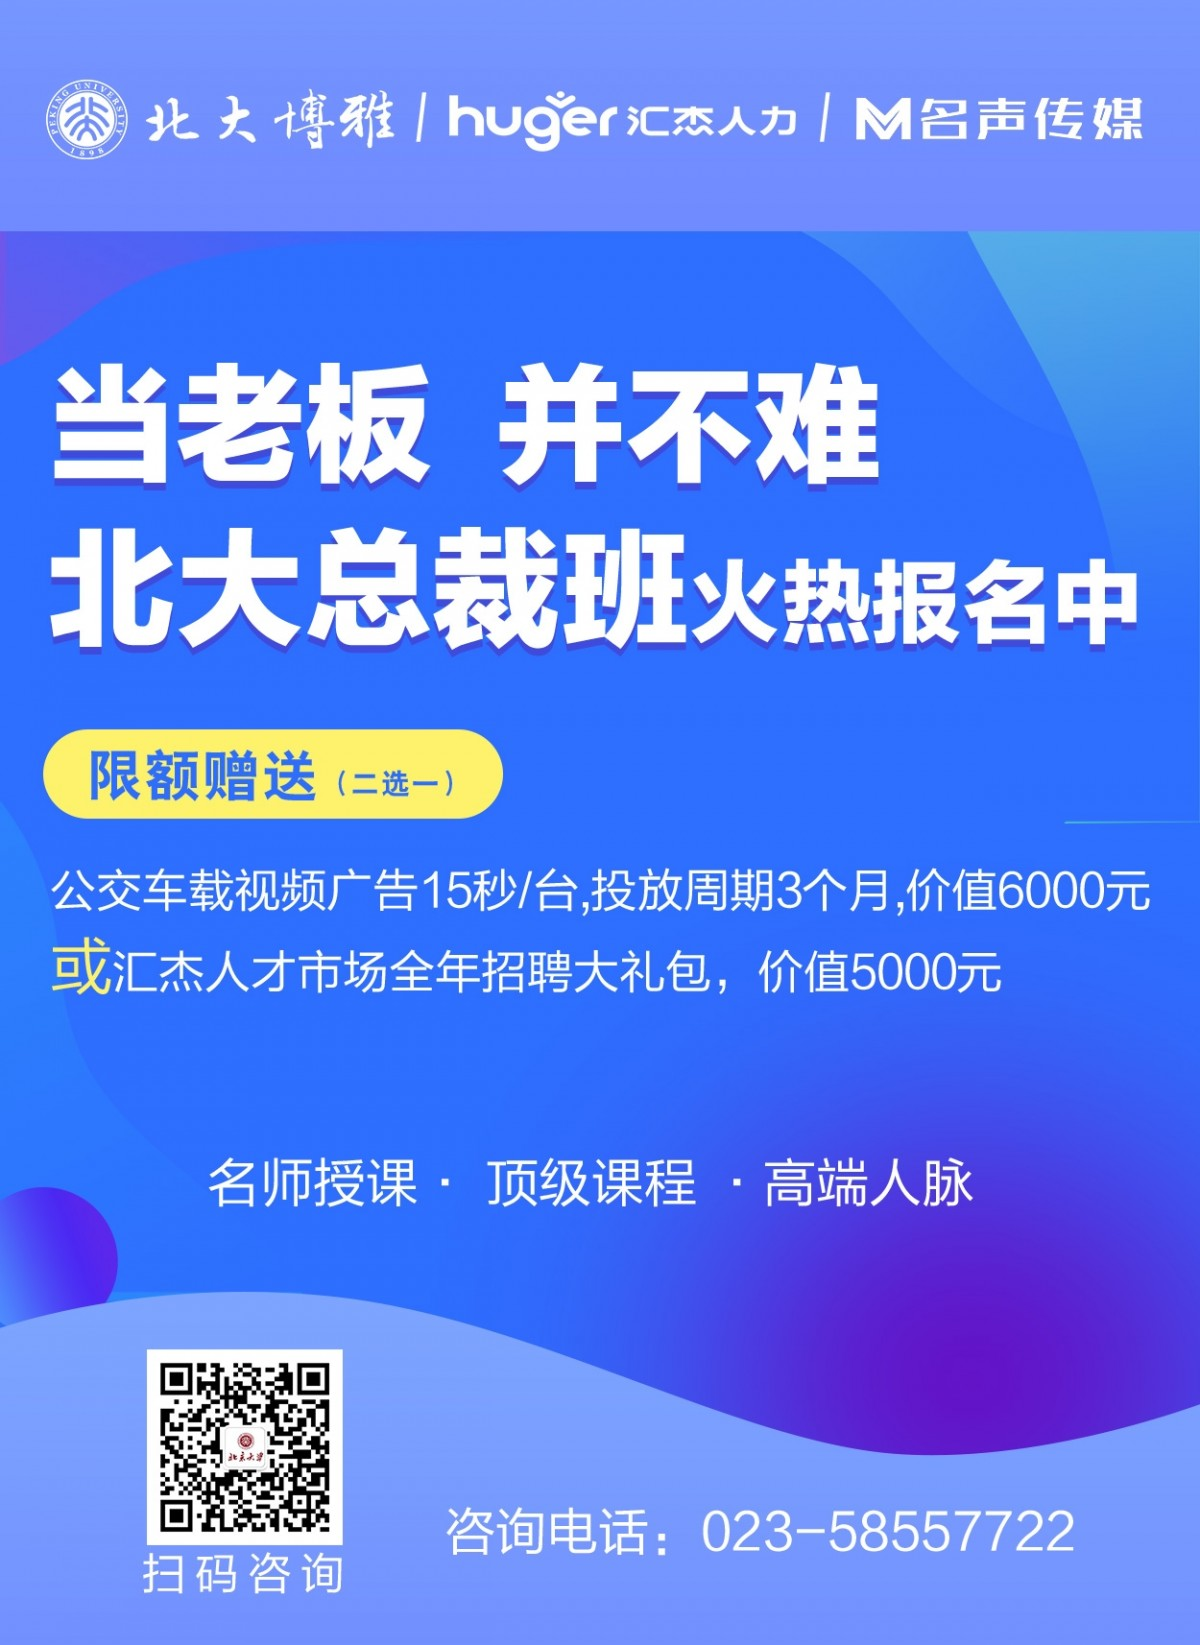 微信图片_20200630111334.jpg